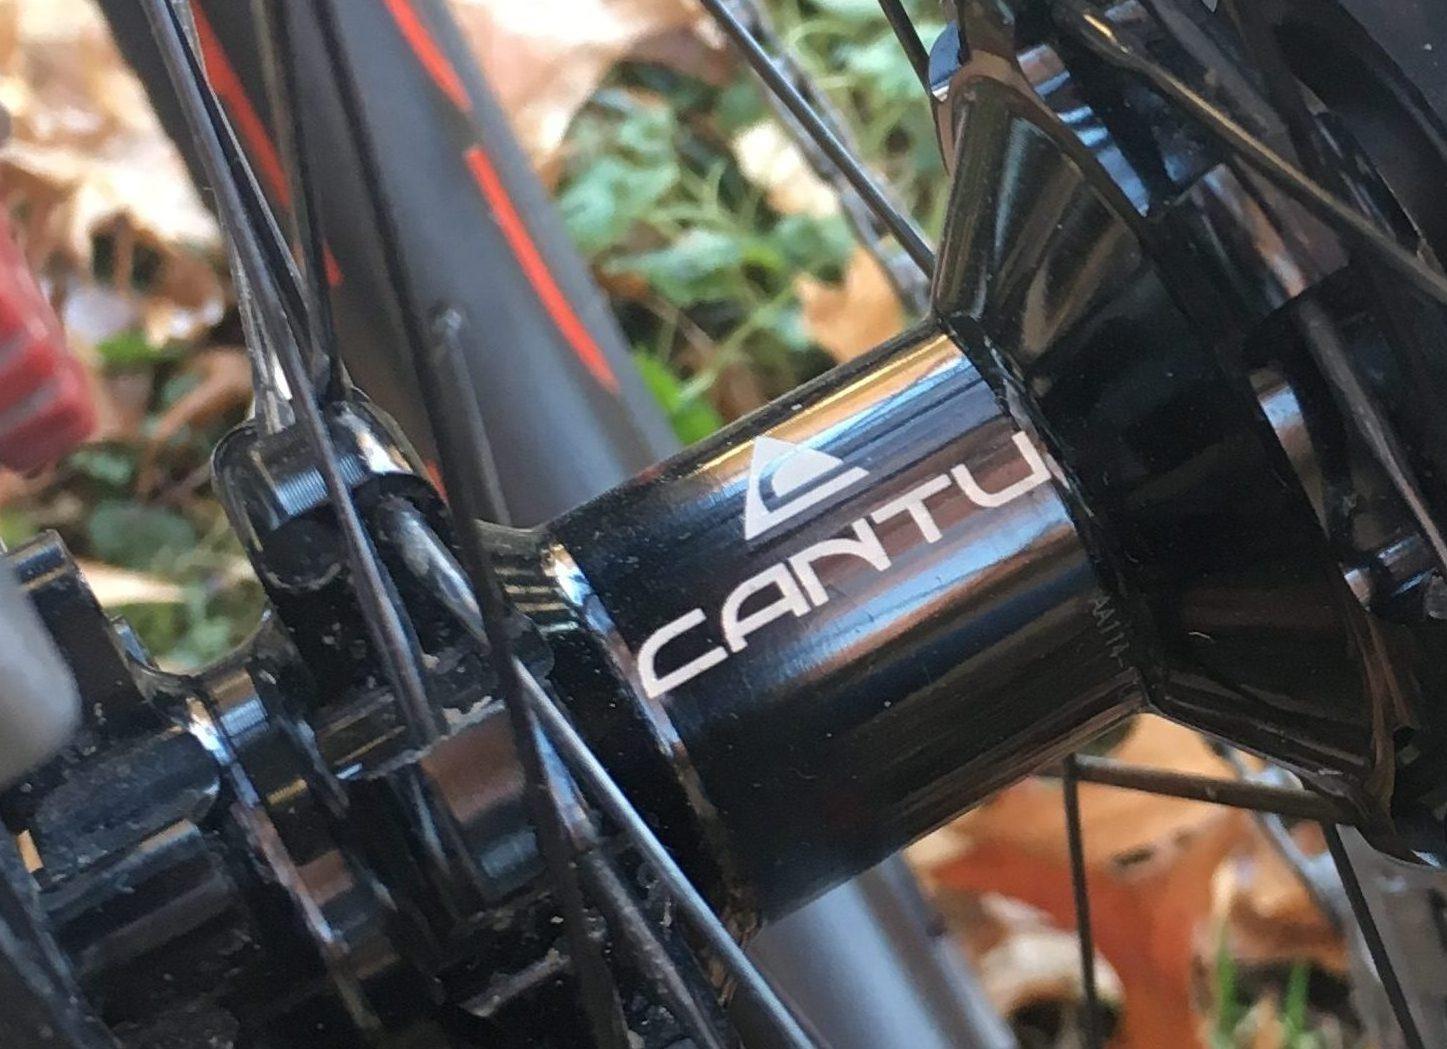 Cantu rear hub